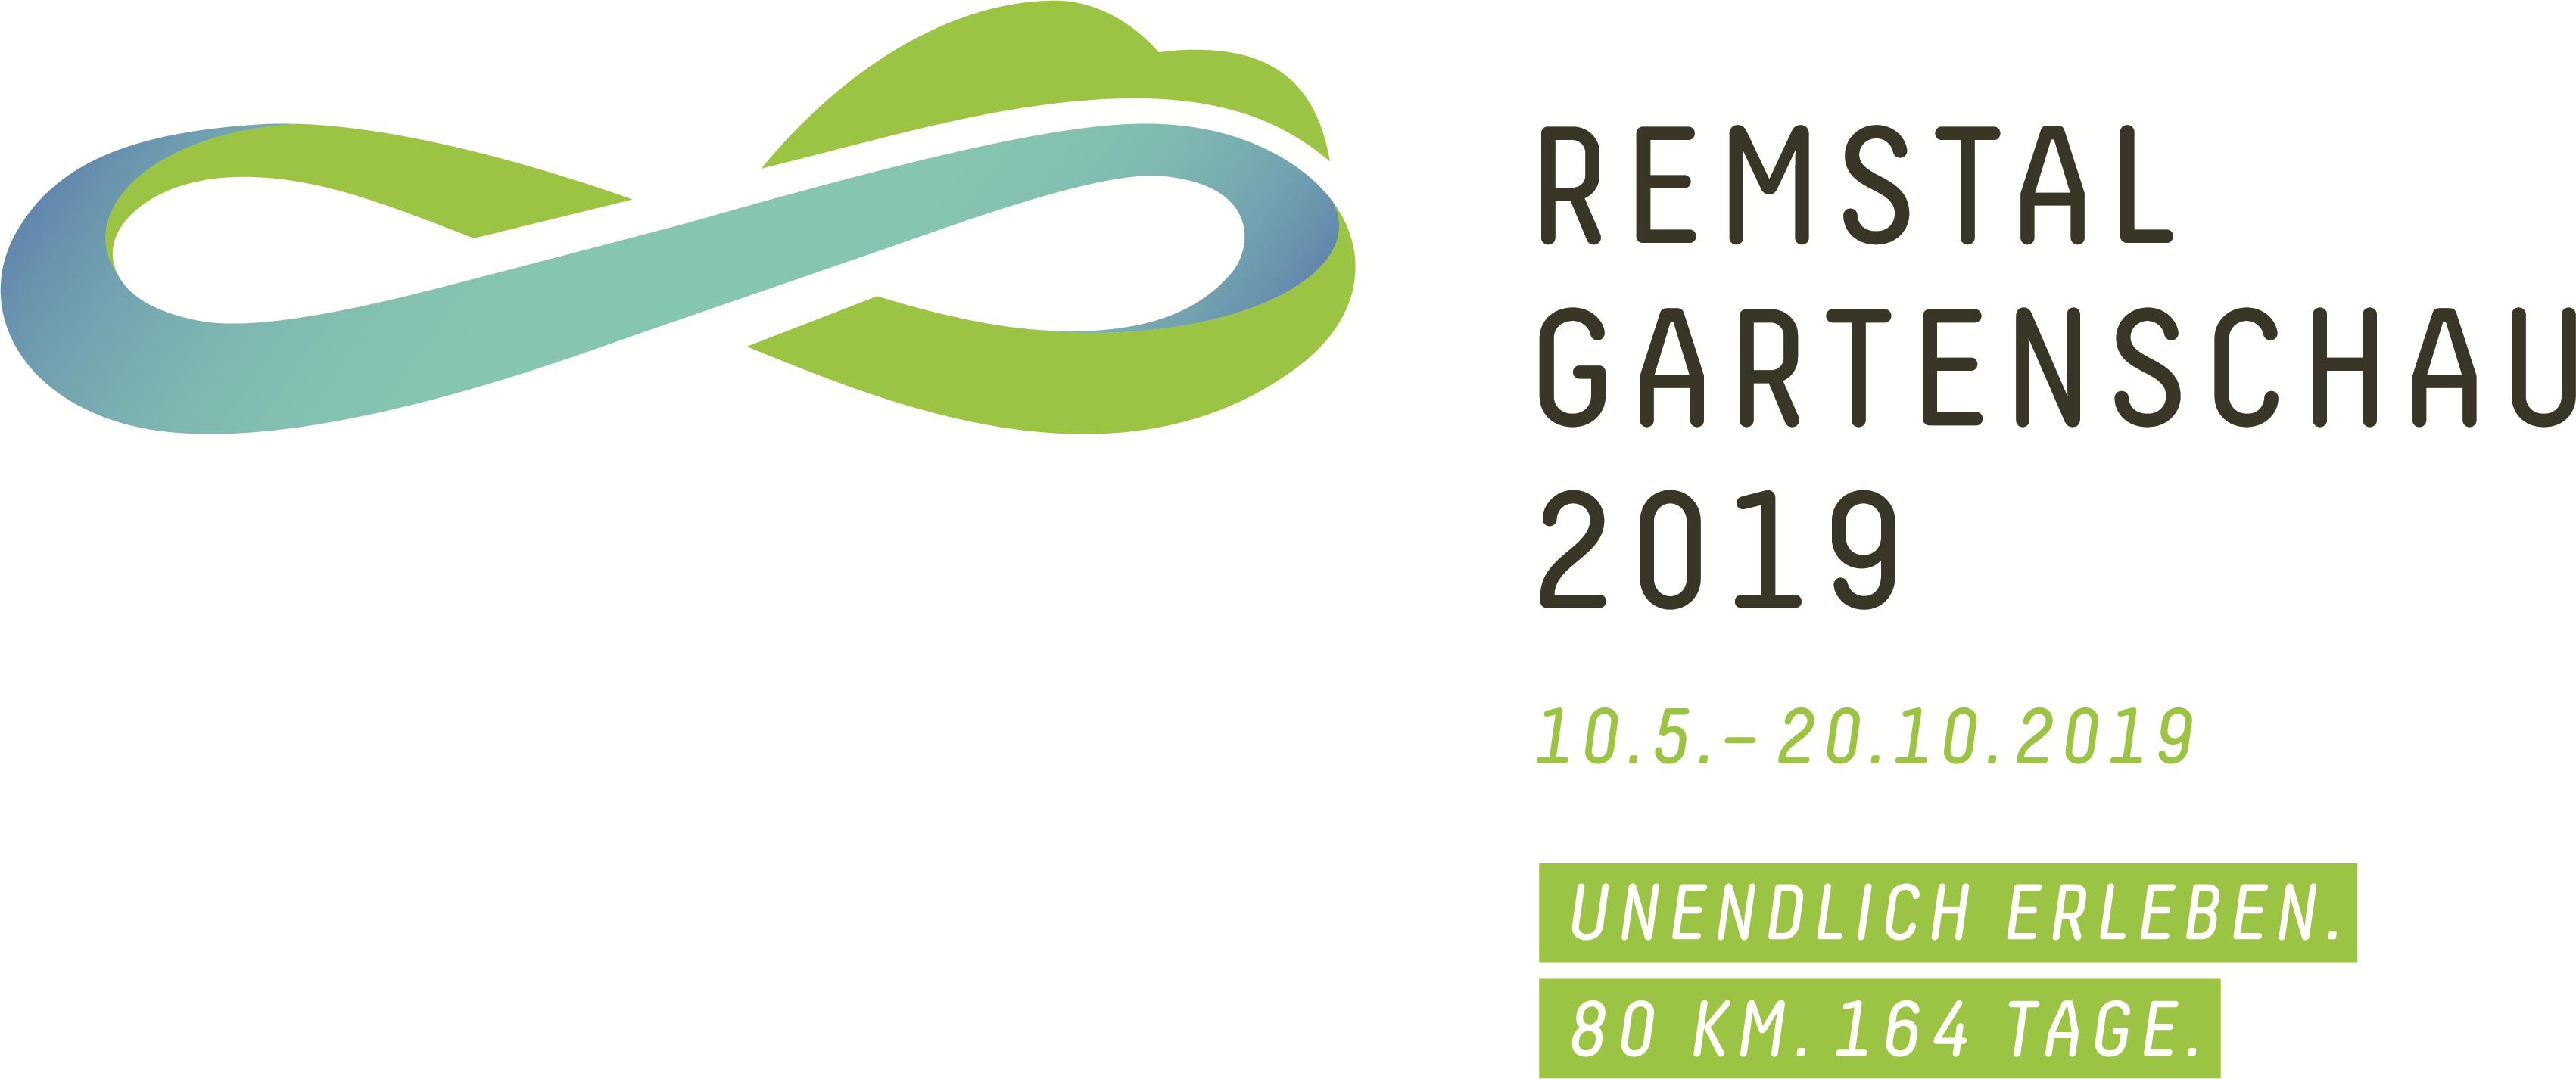 Logo Remstal Gartenschau 2019 Datum Claim